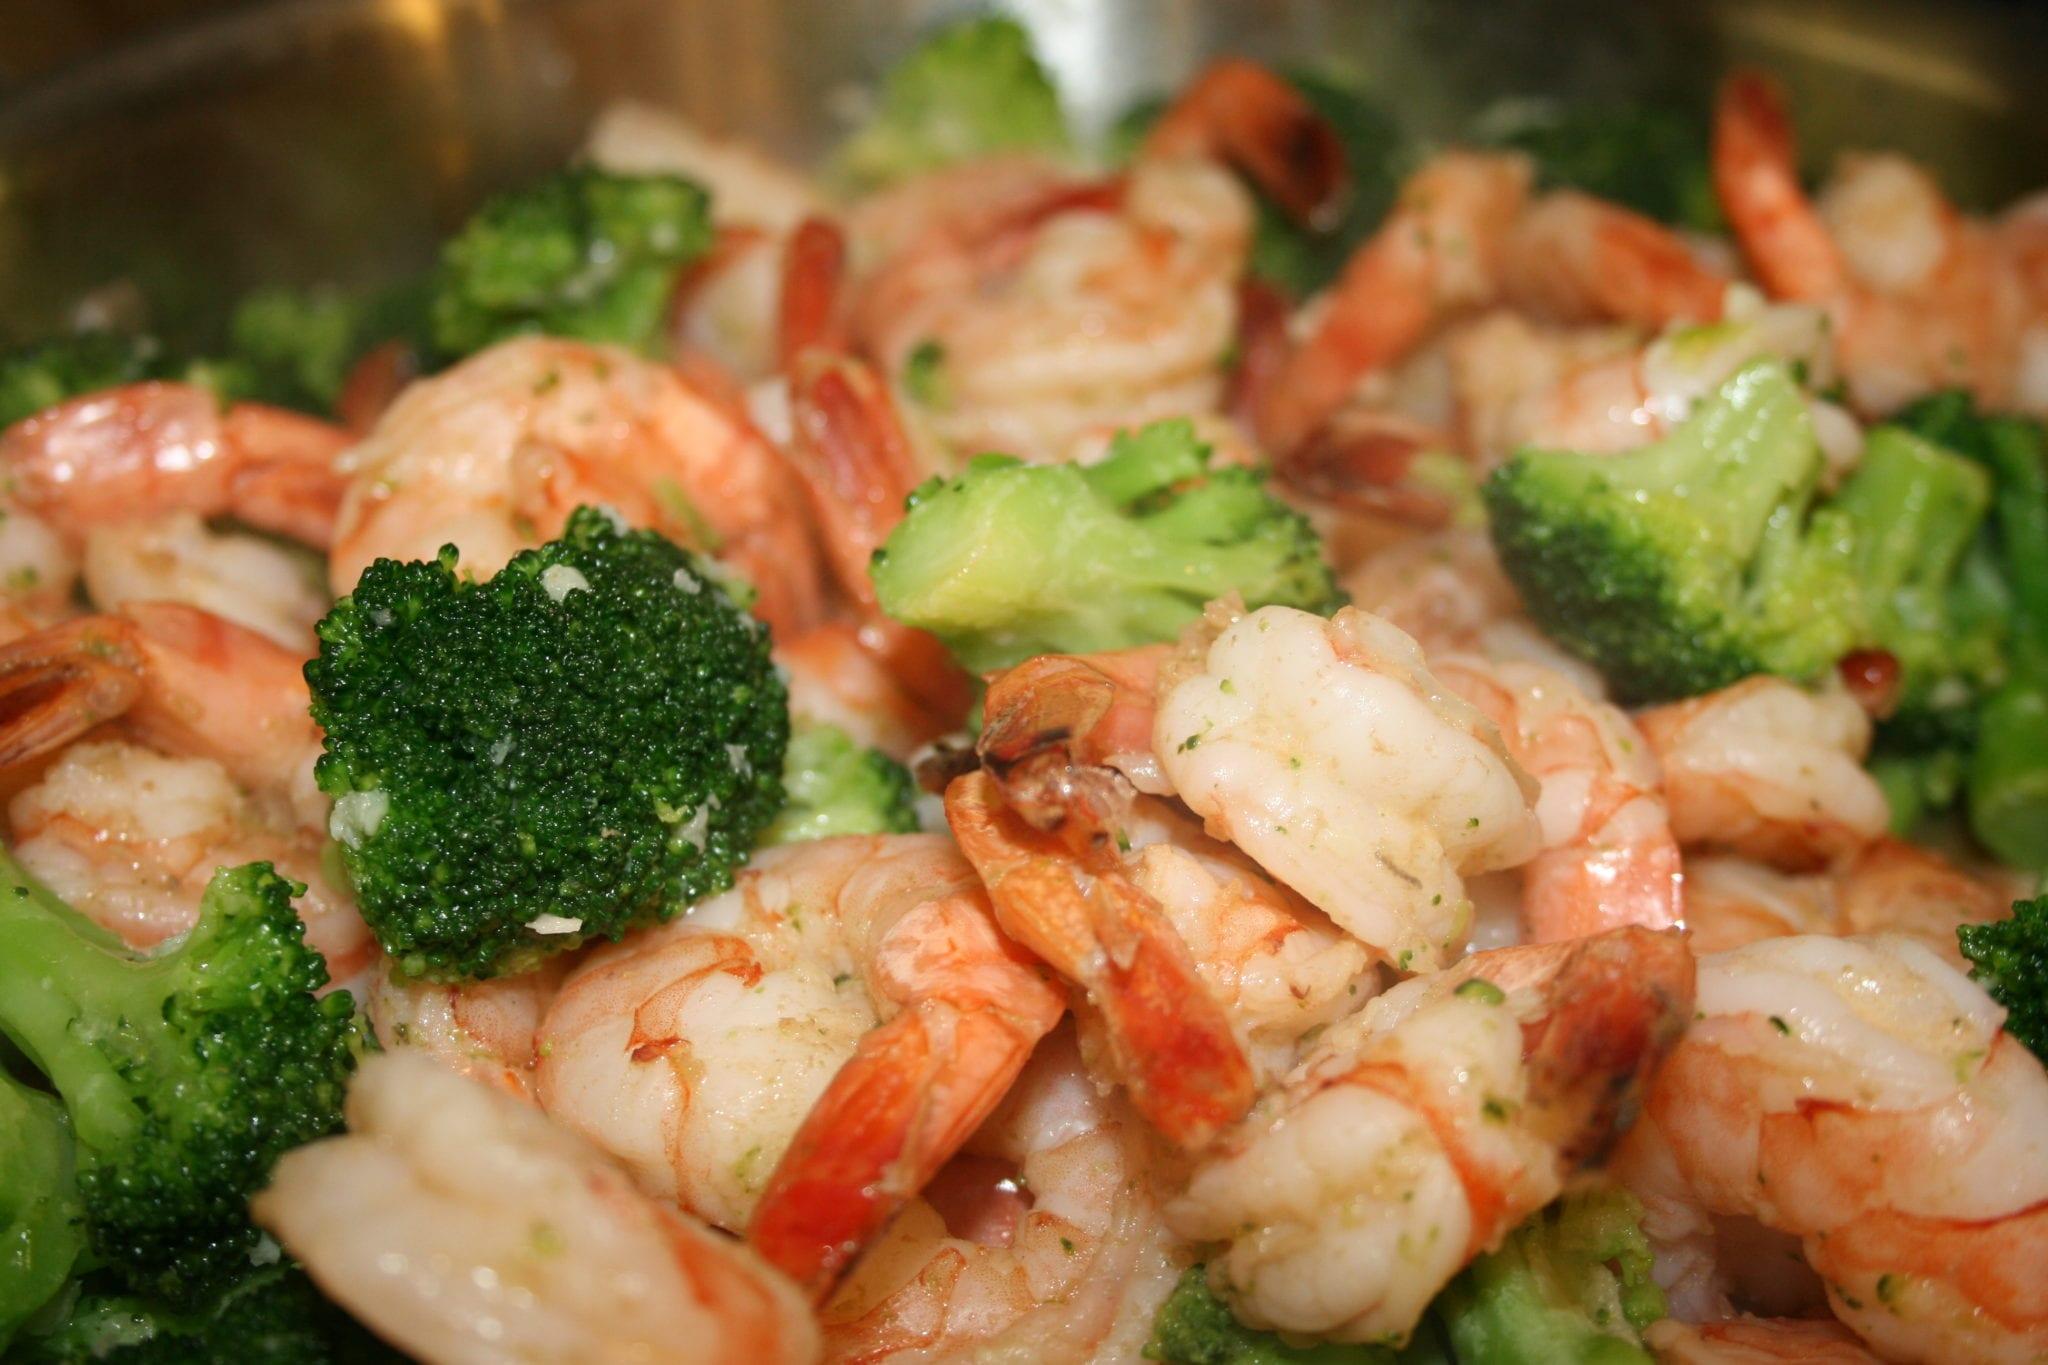 เมนูอาหารเพื่อสุขภาพ อาหารเพื่อสุขภาพ อาหารสุขภาพ อาหารผู้สูงอายุ